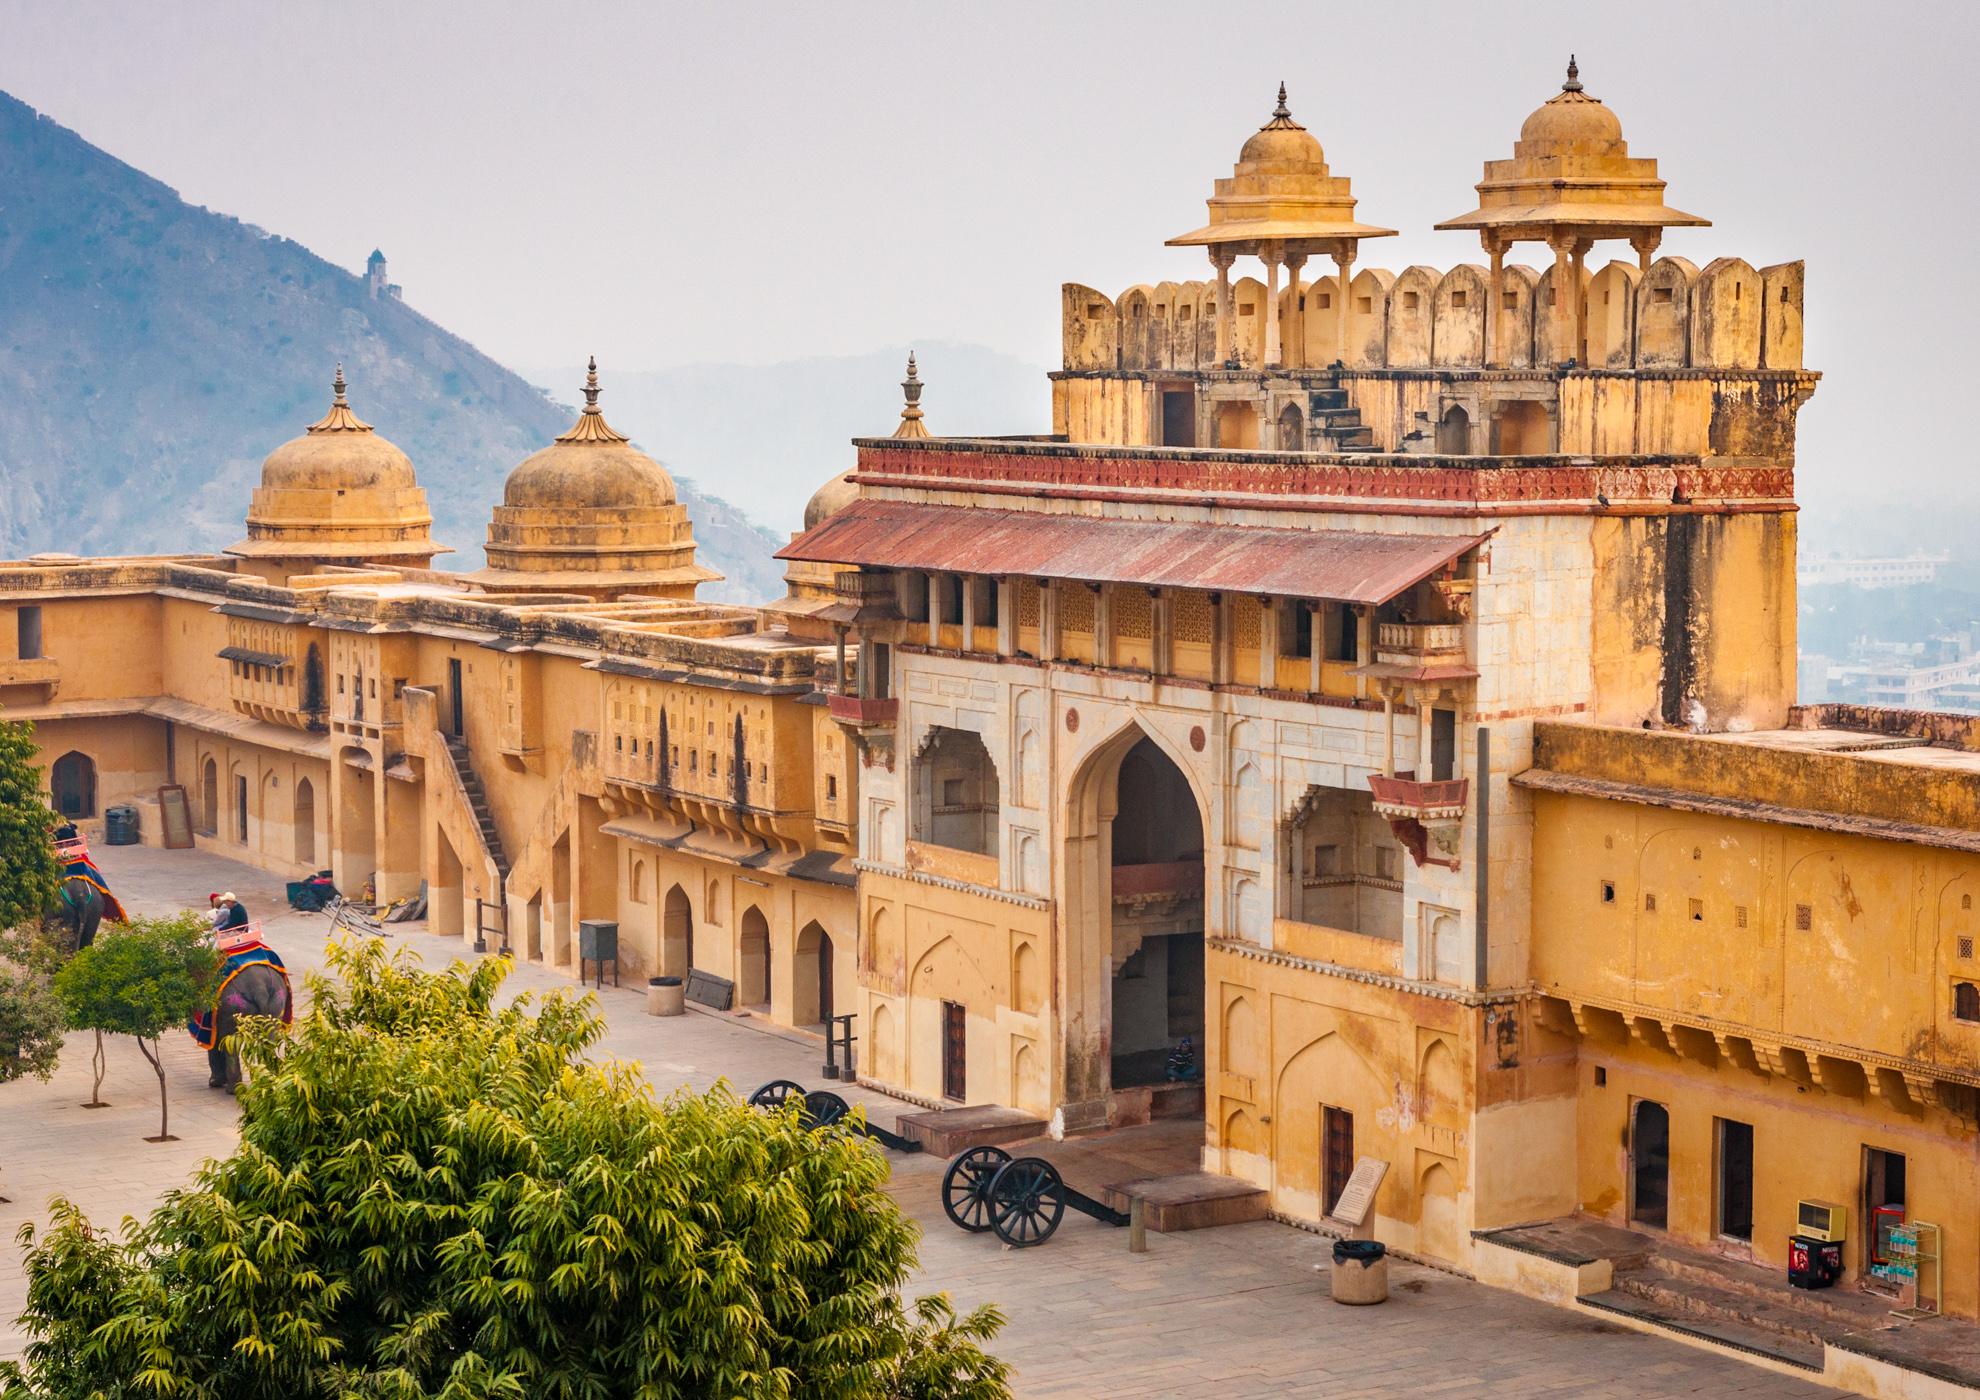 Amber (Amer) Fort, Jaipur, India